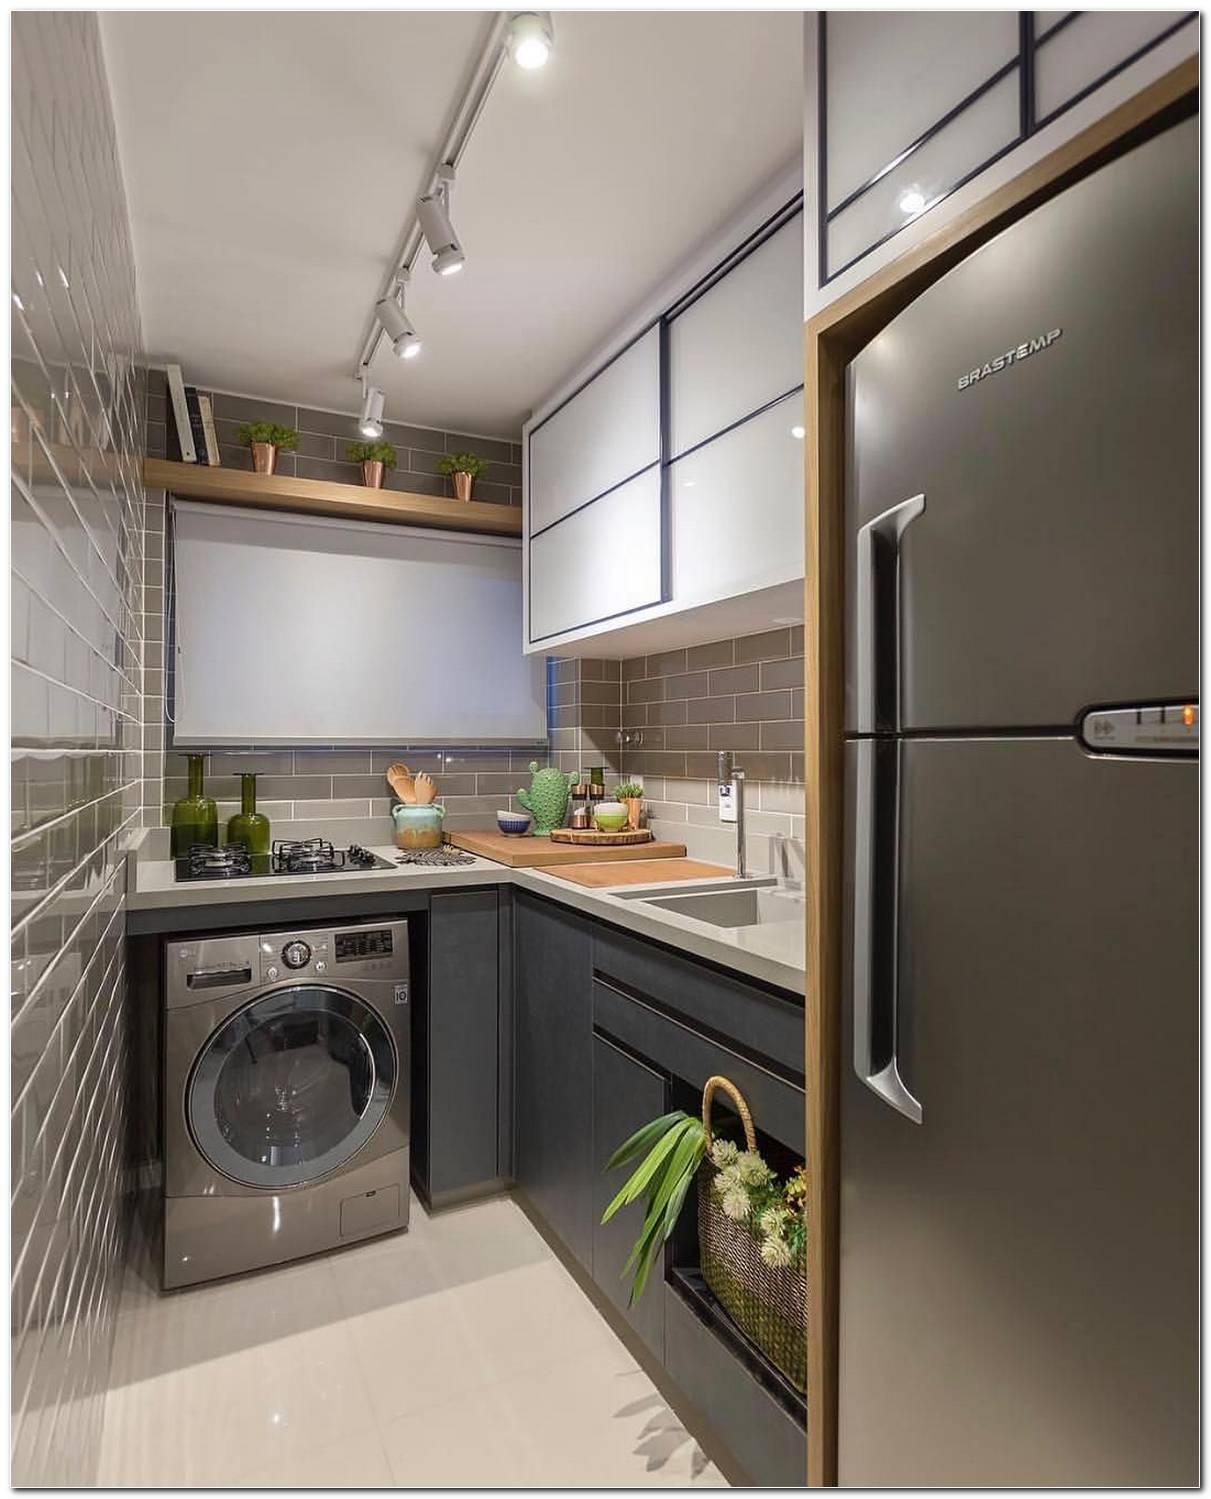 Cozinha Compacta 62 Ideias Incríveis E Perfeitas Para Pouco Espaço